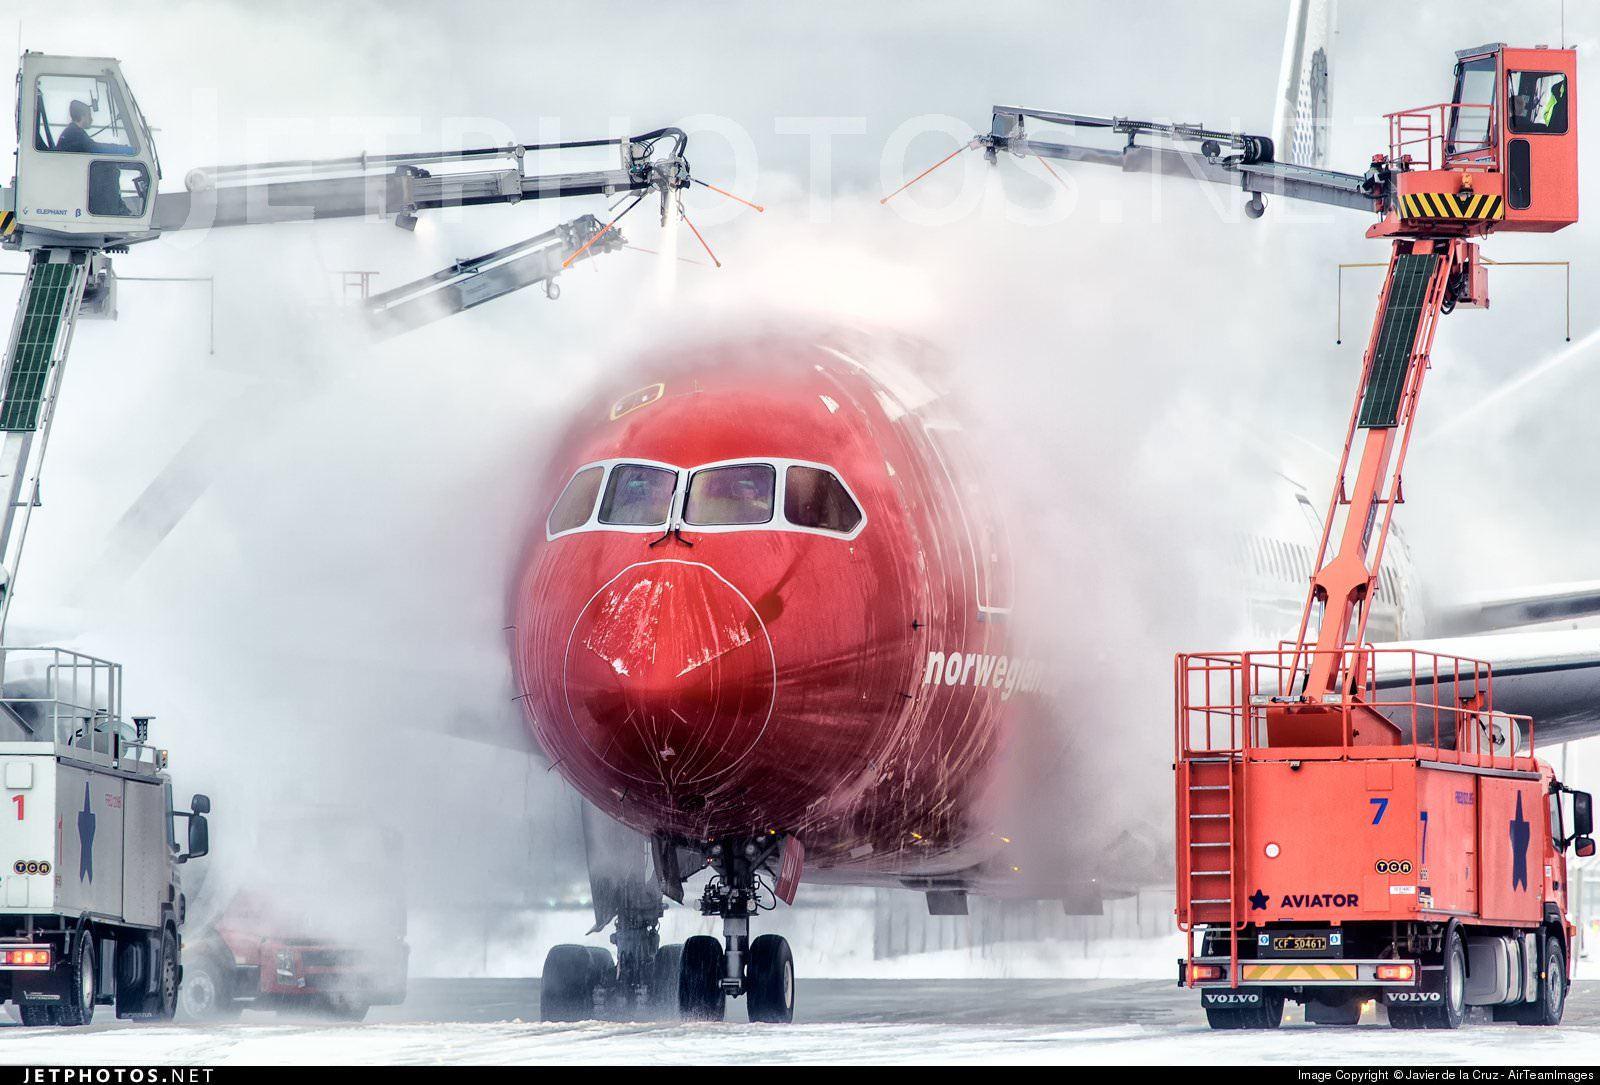 A Norwegian 787 deicing